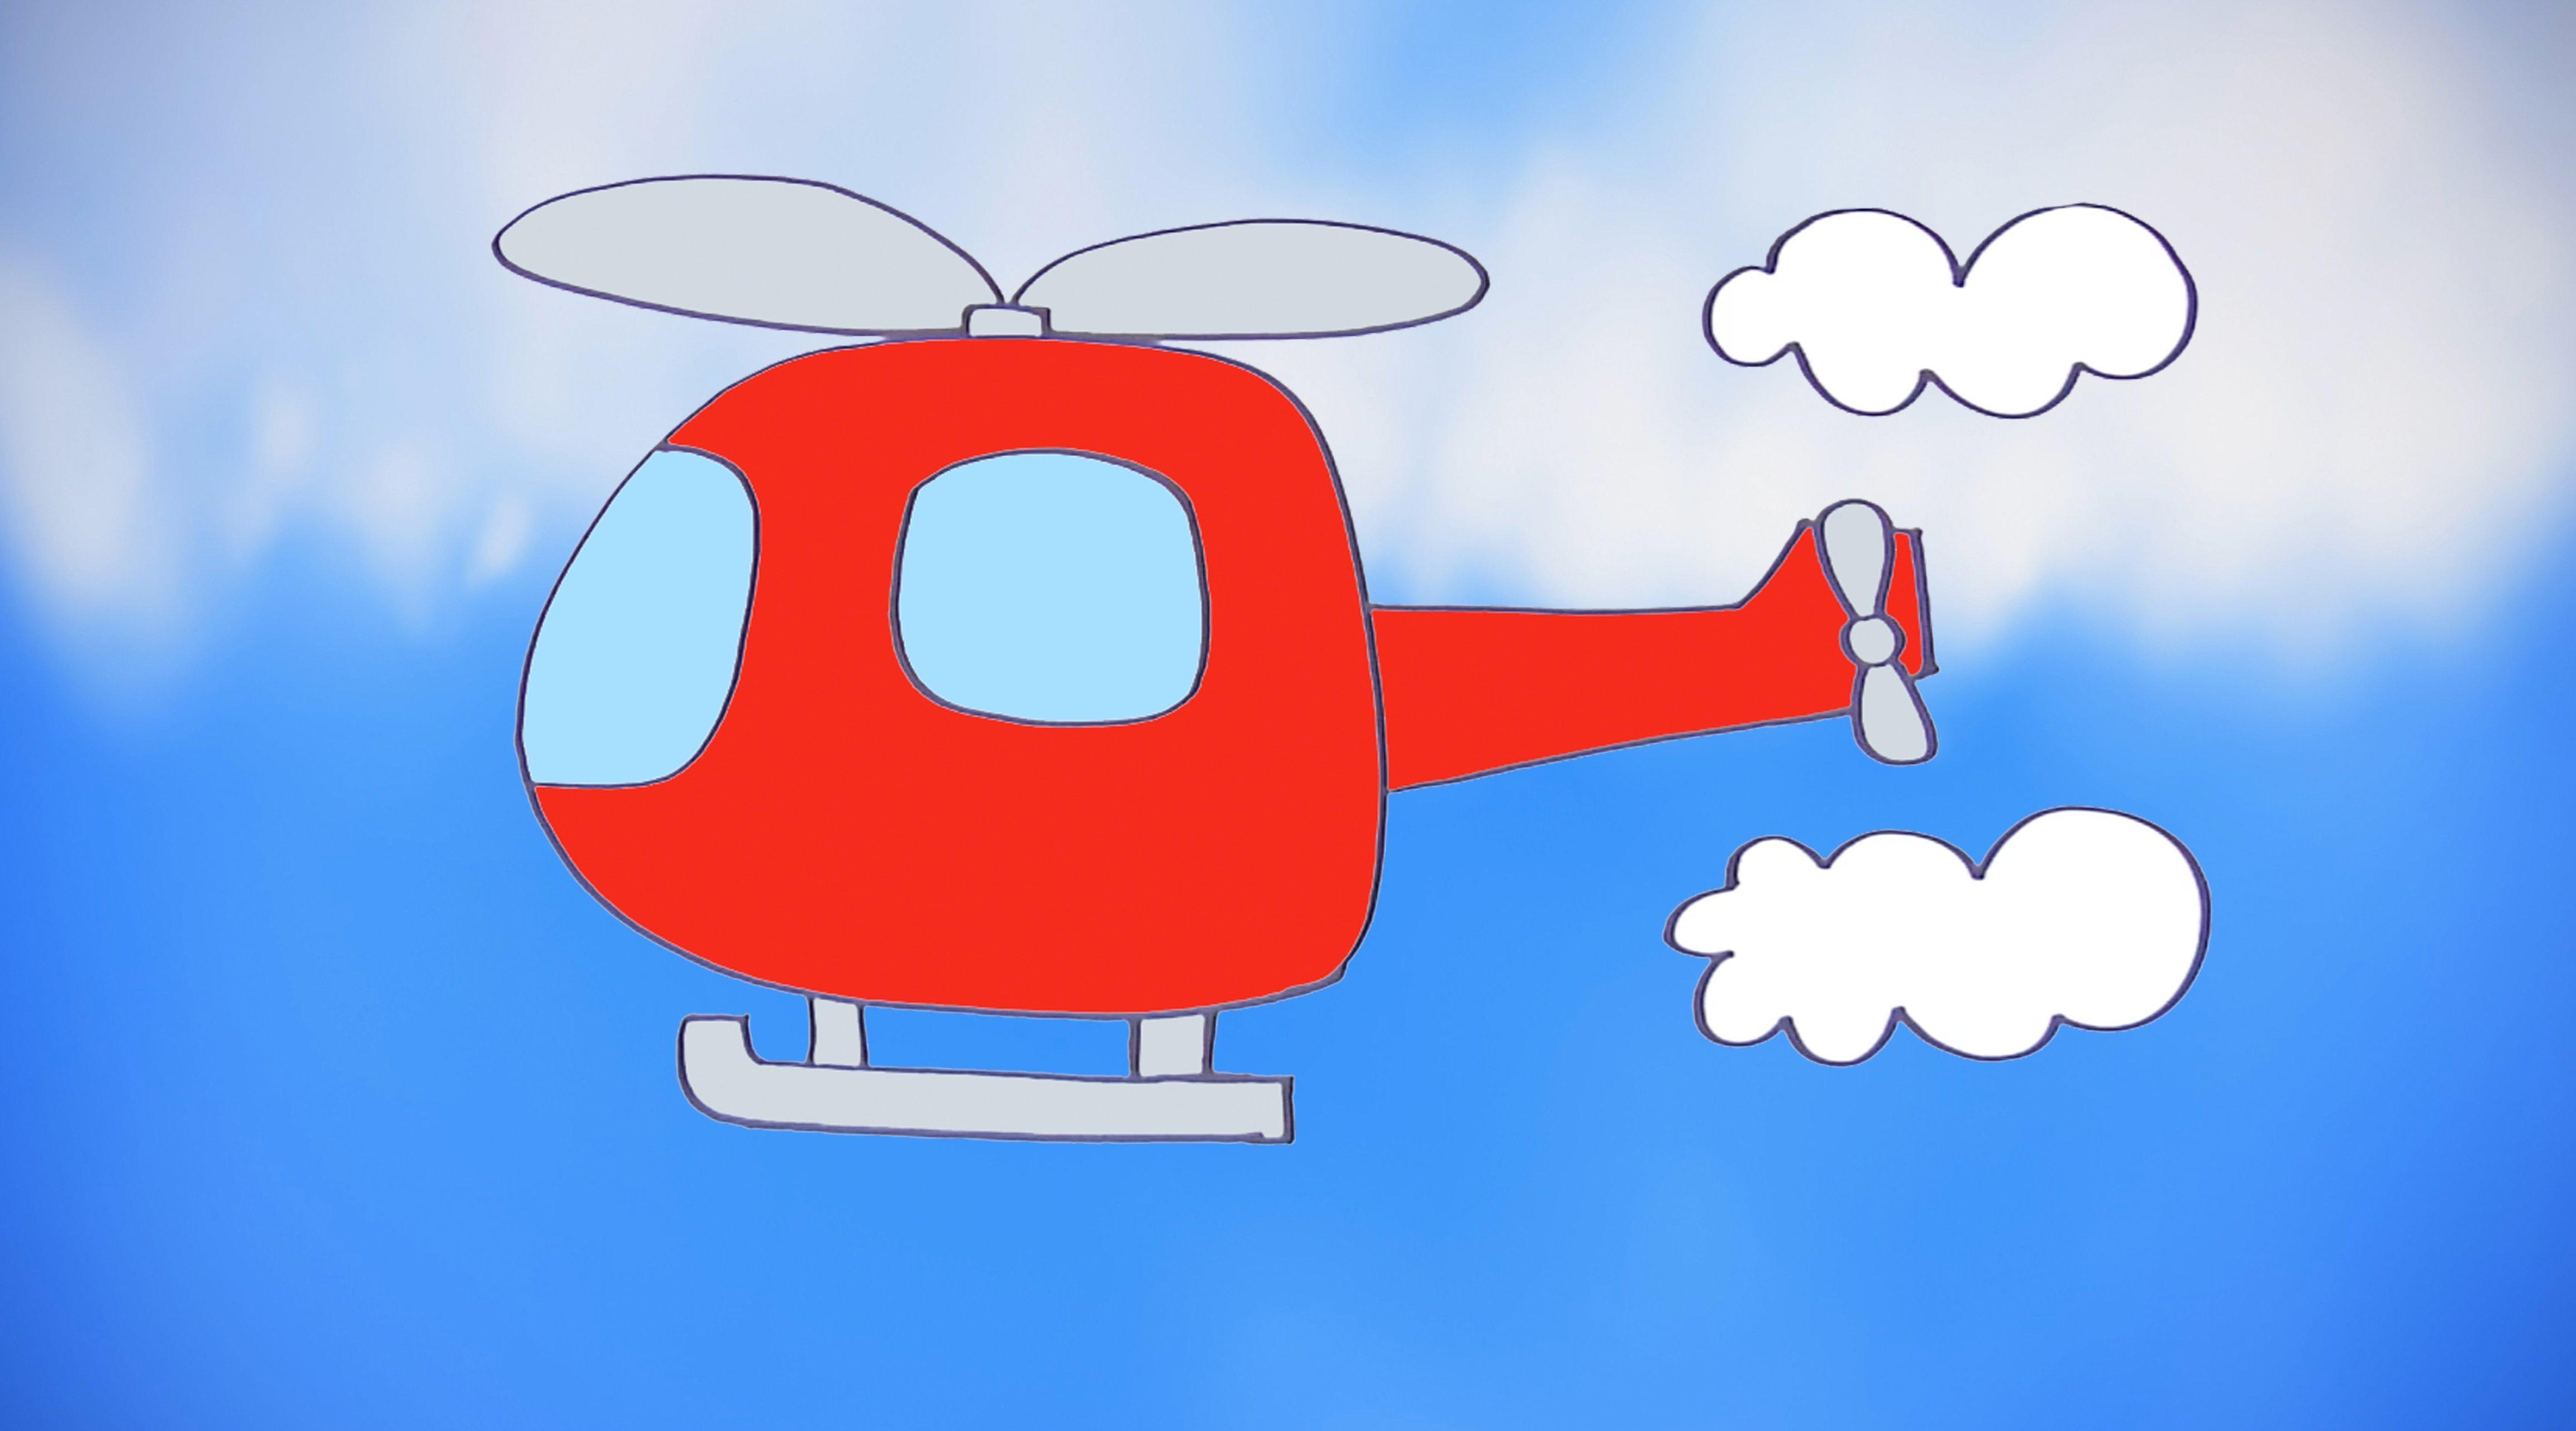 C mo dibujar un helic ptero dibujos de transportes para ni os - Dibujos pared infantil ...